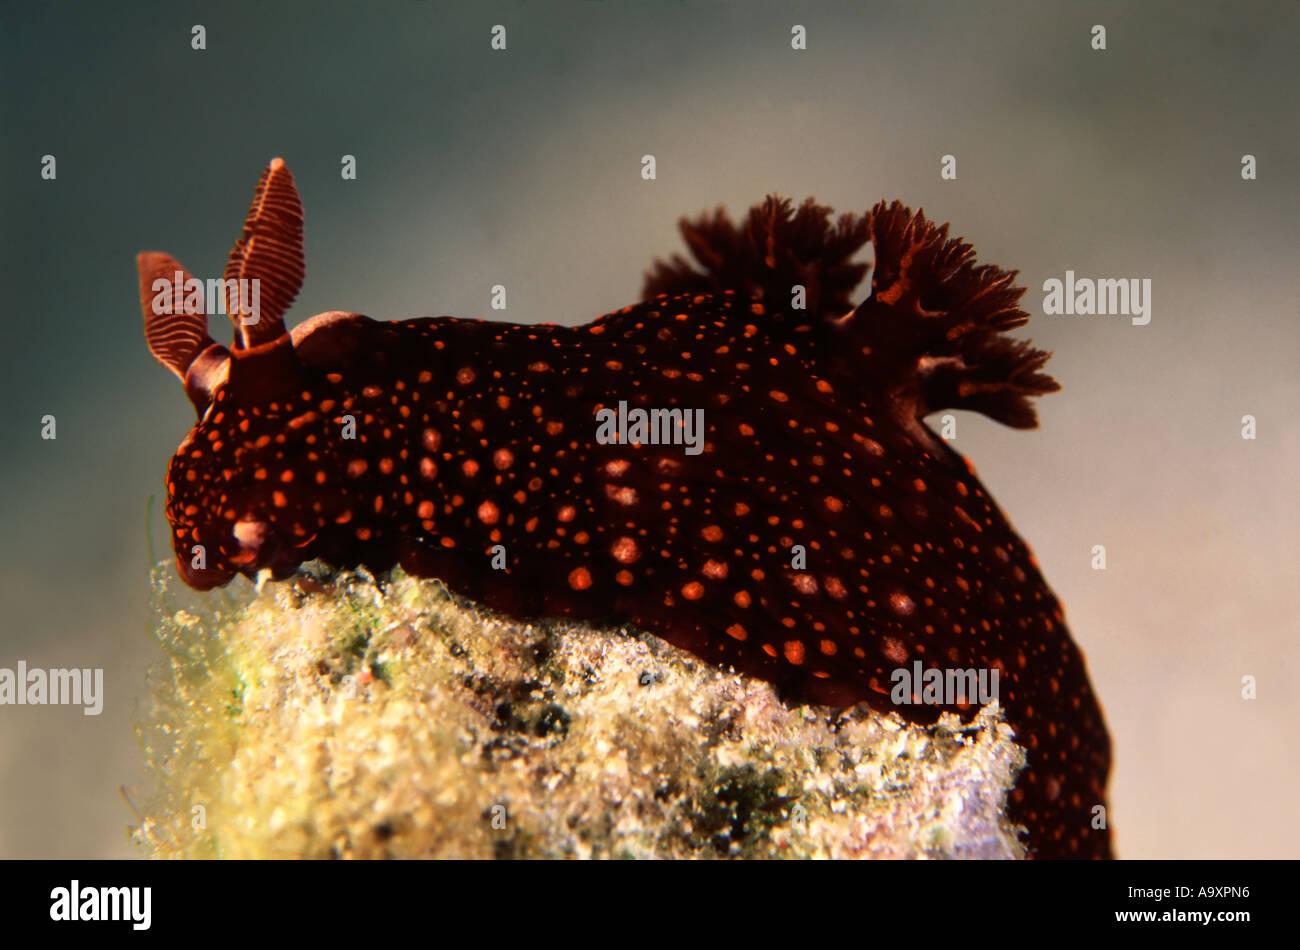 Nembrotha sp. - Stock Image